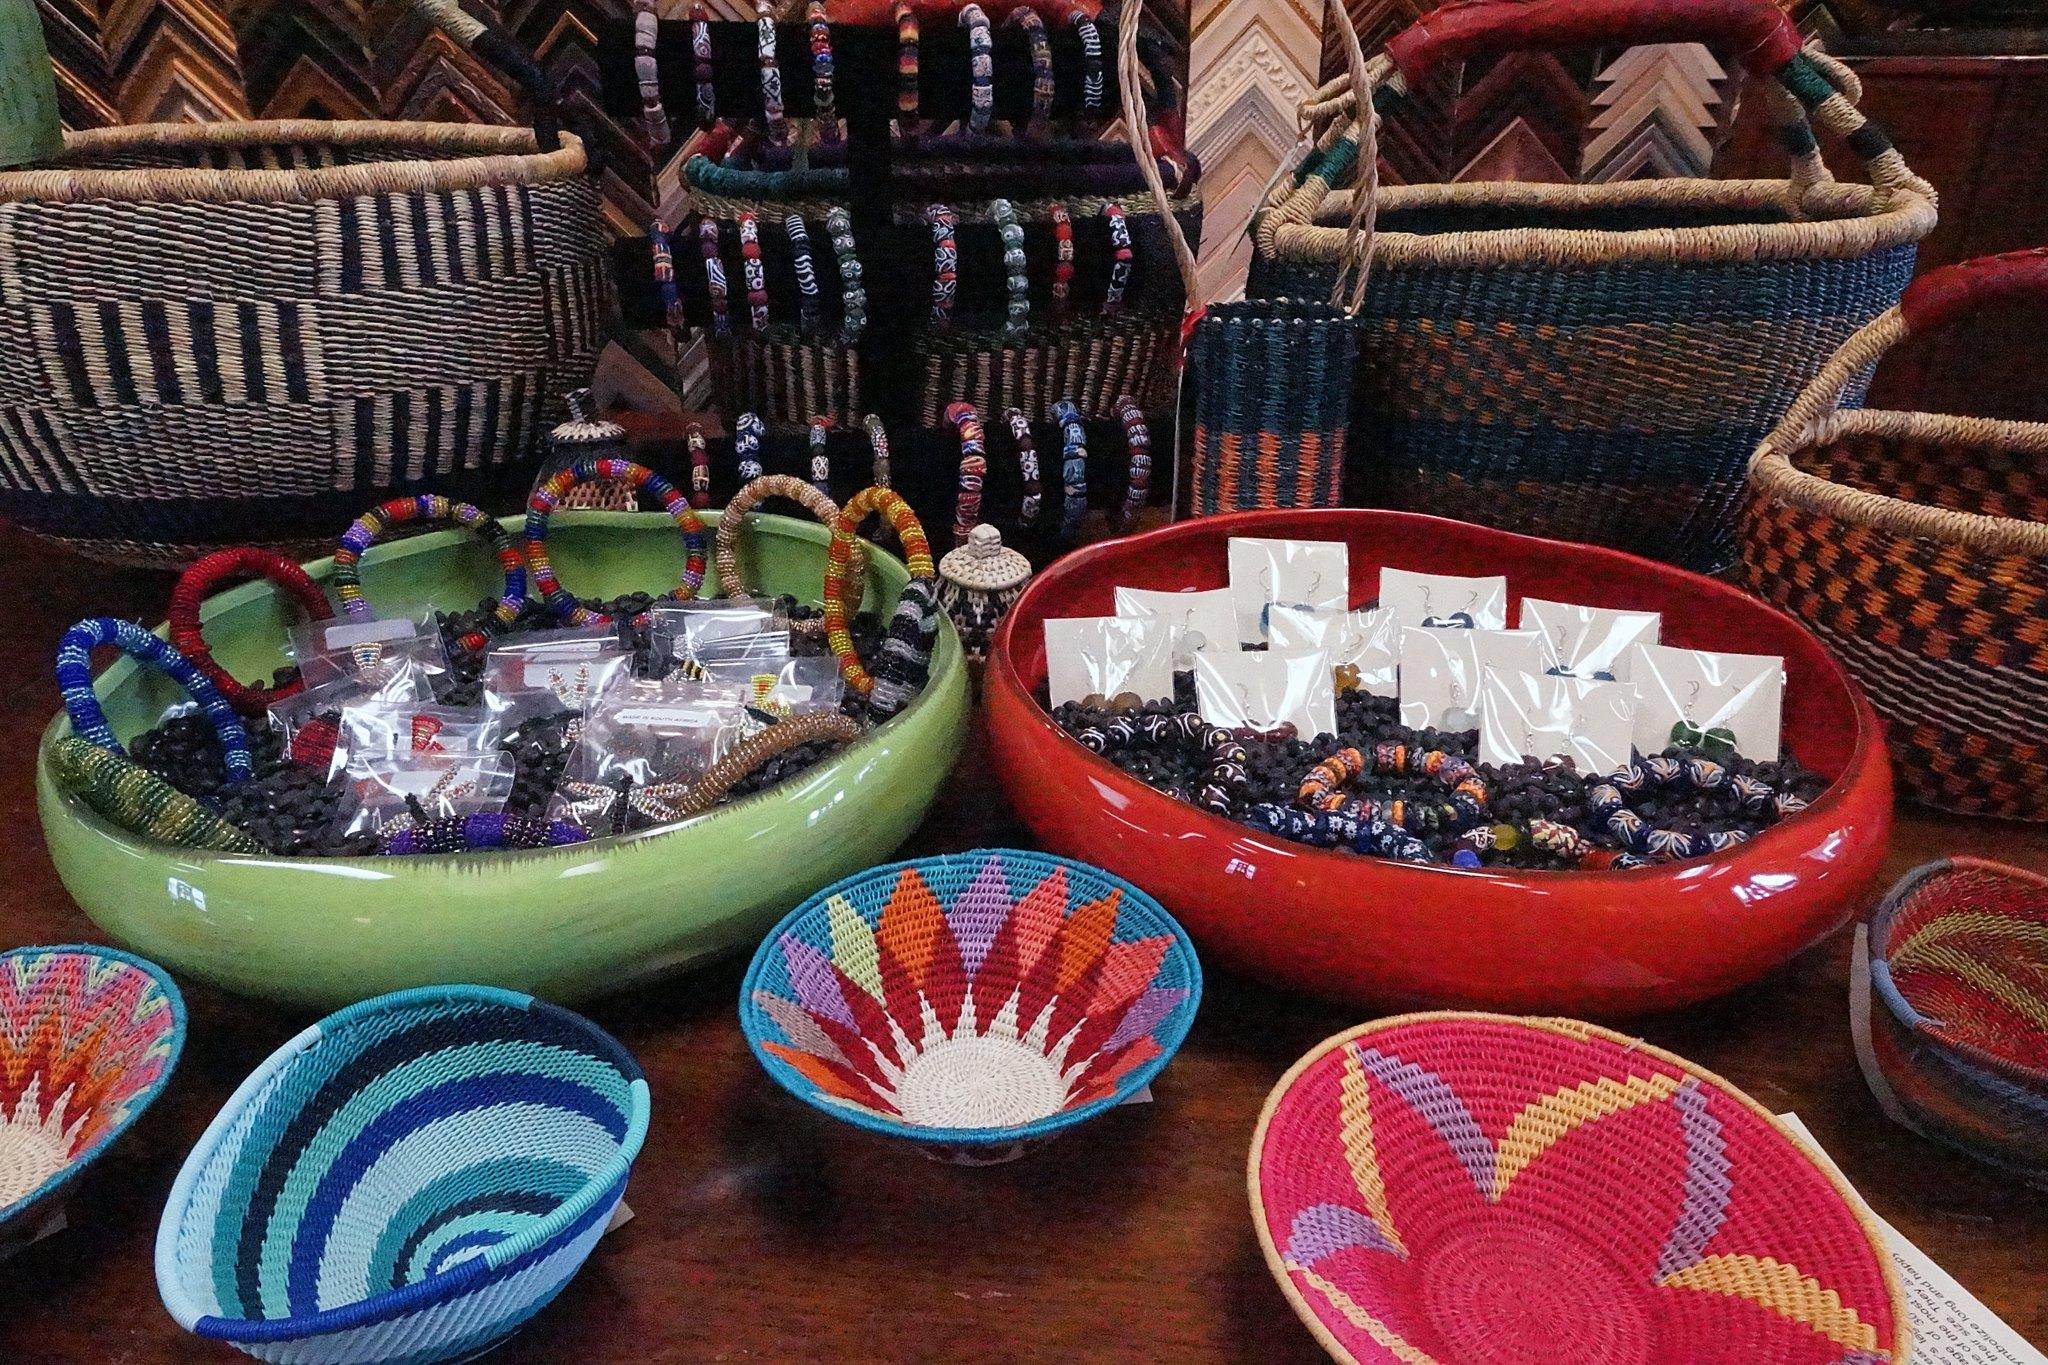 African Fair Trade Goods